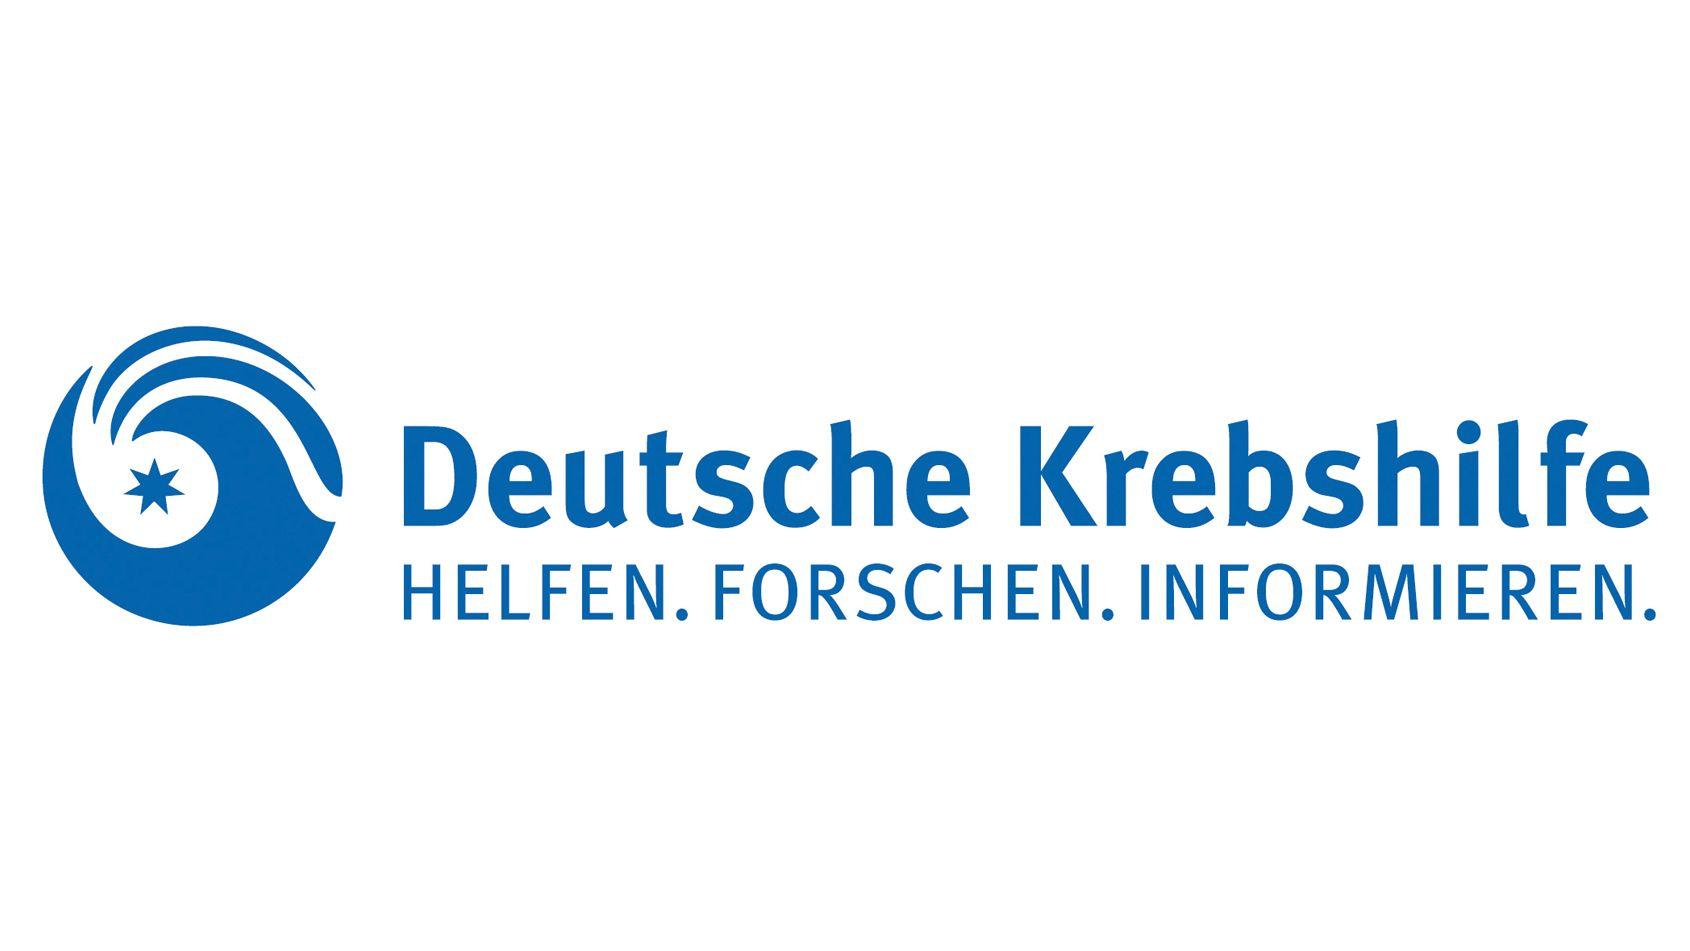 Deutsche Krebshilfe